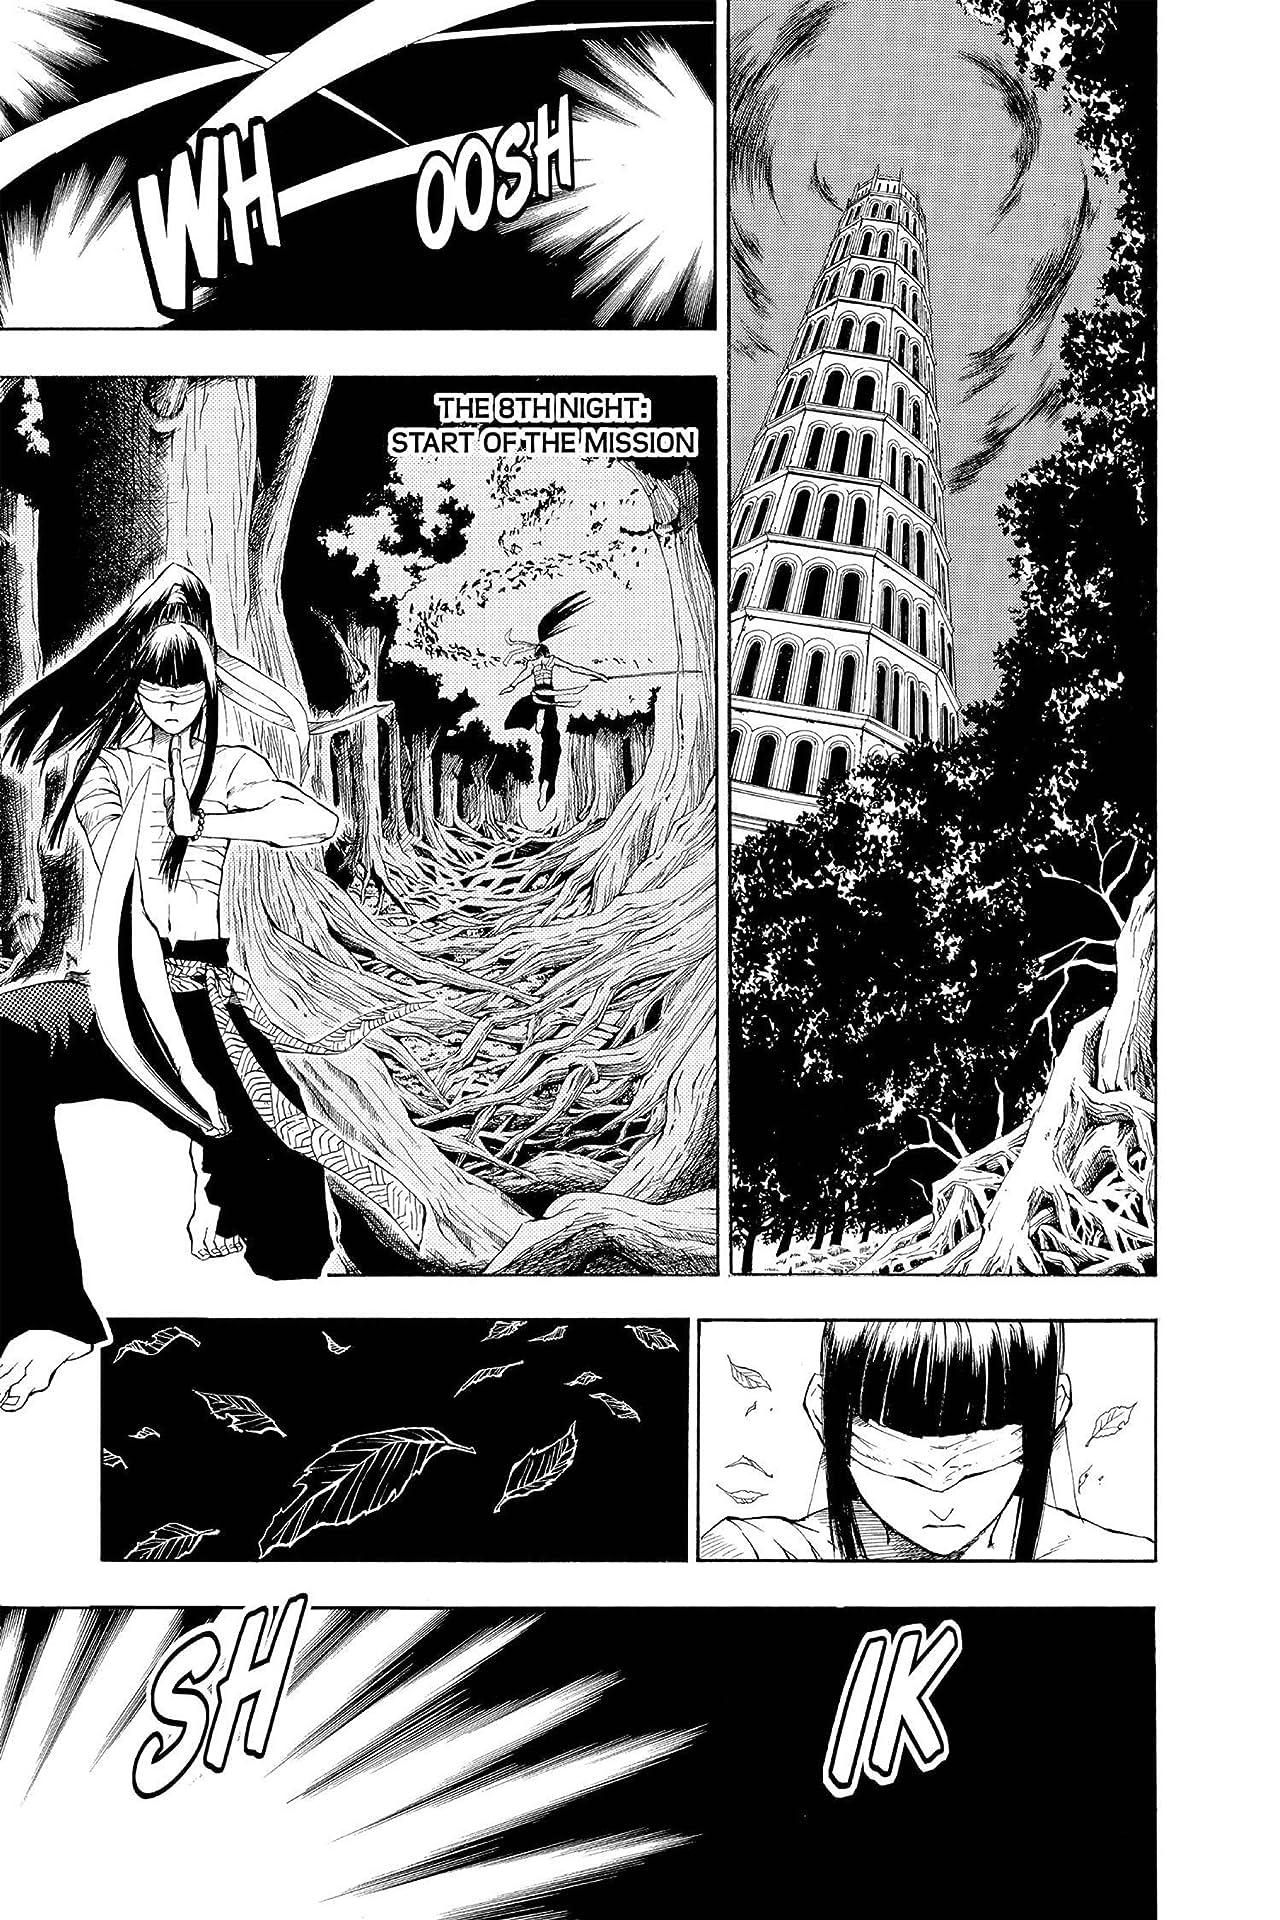 D.Gray-man Vol. 2